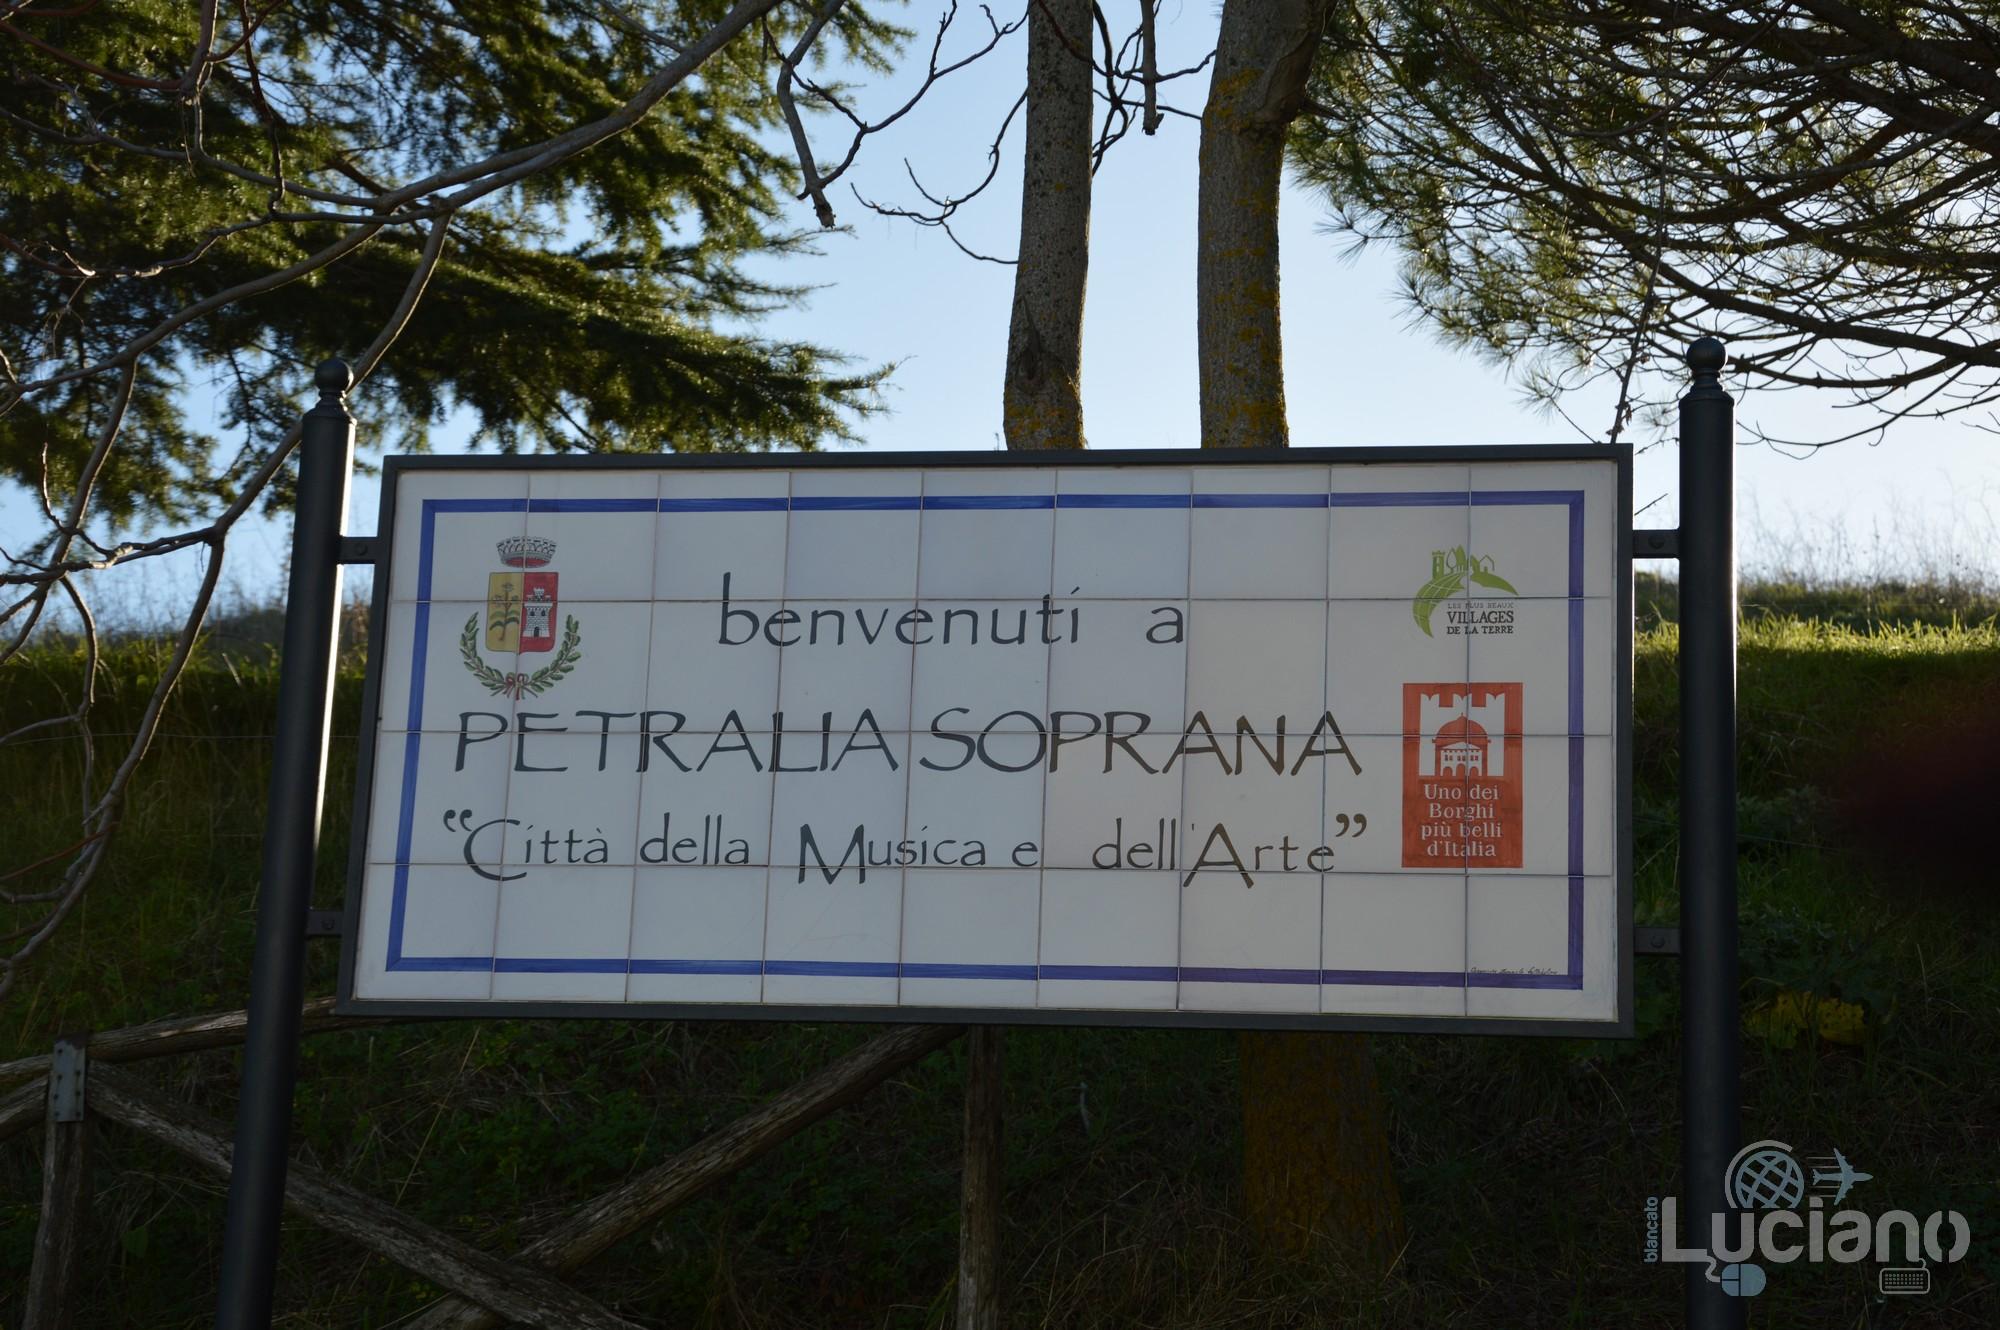 Petralia Soprana - Palermo - Città della Musica e dell'Arte - I Borghi più belli d'Italia - Borgo più bello d'Italia 2018